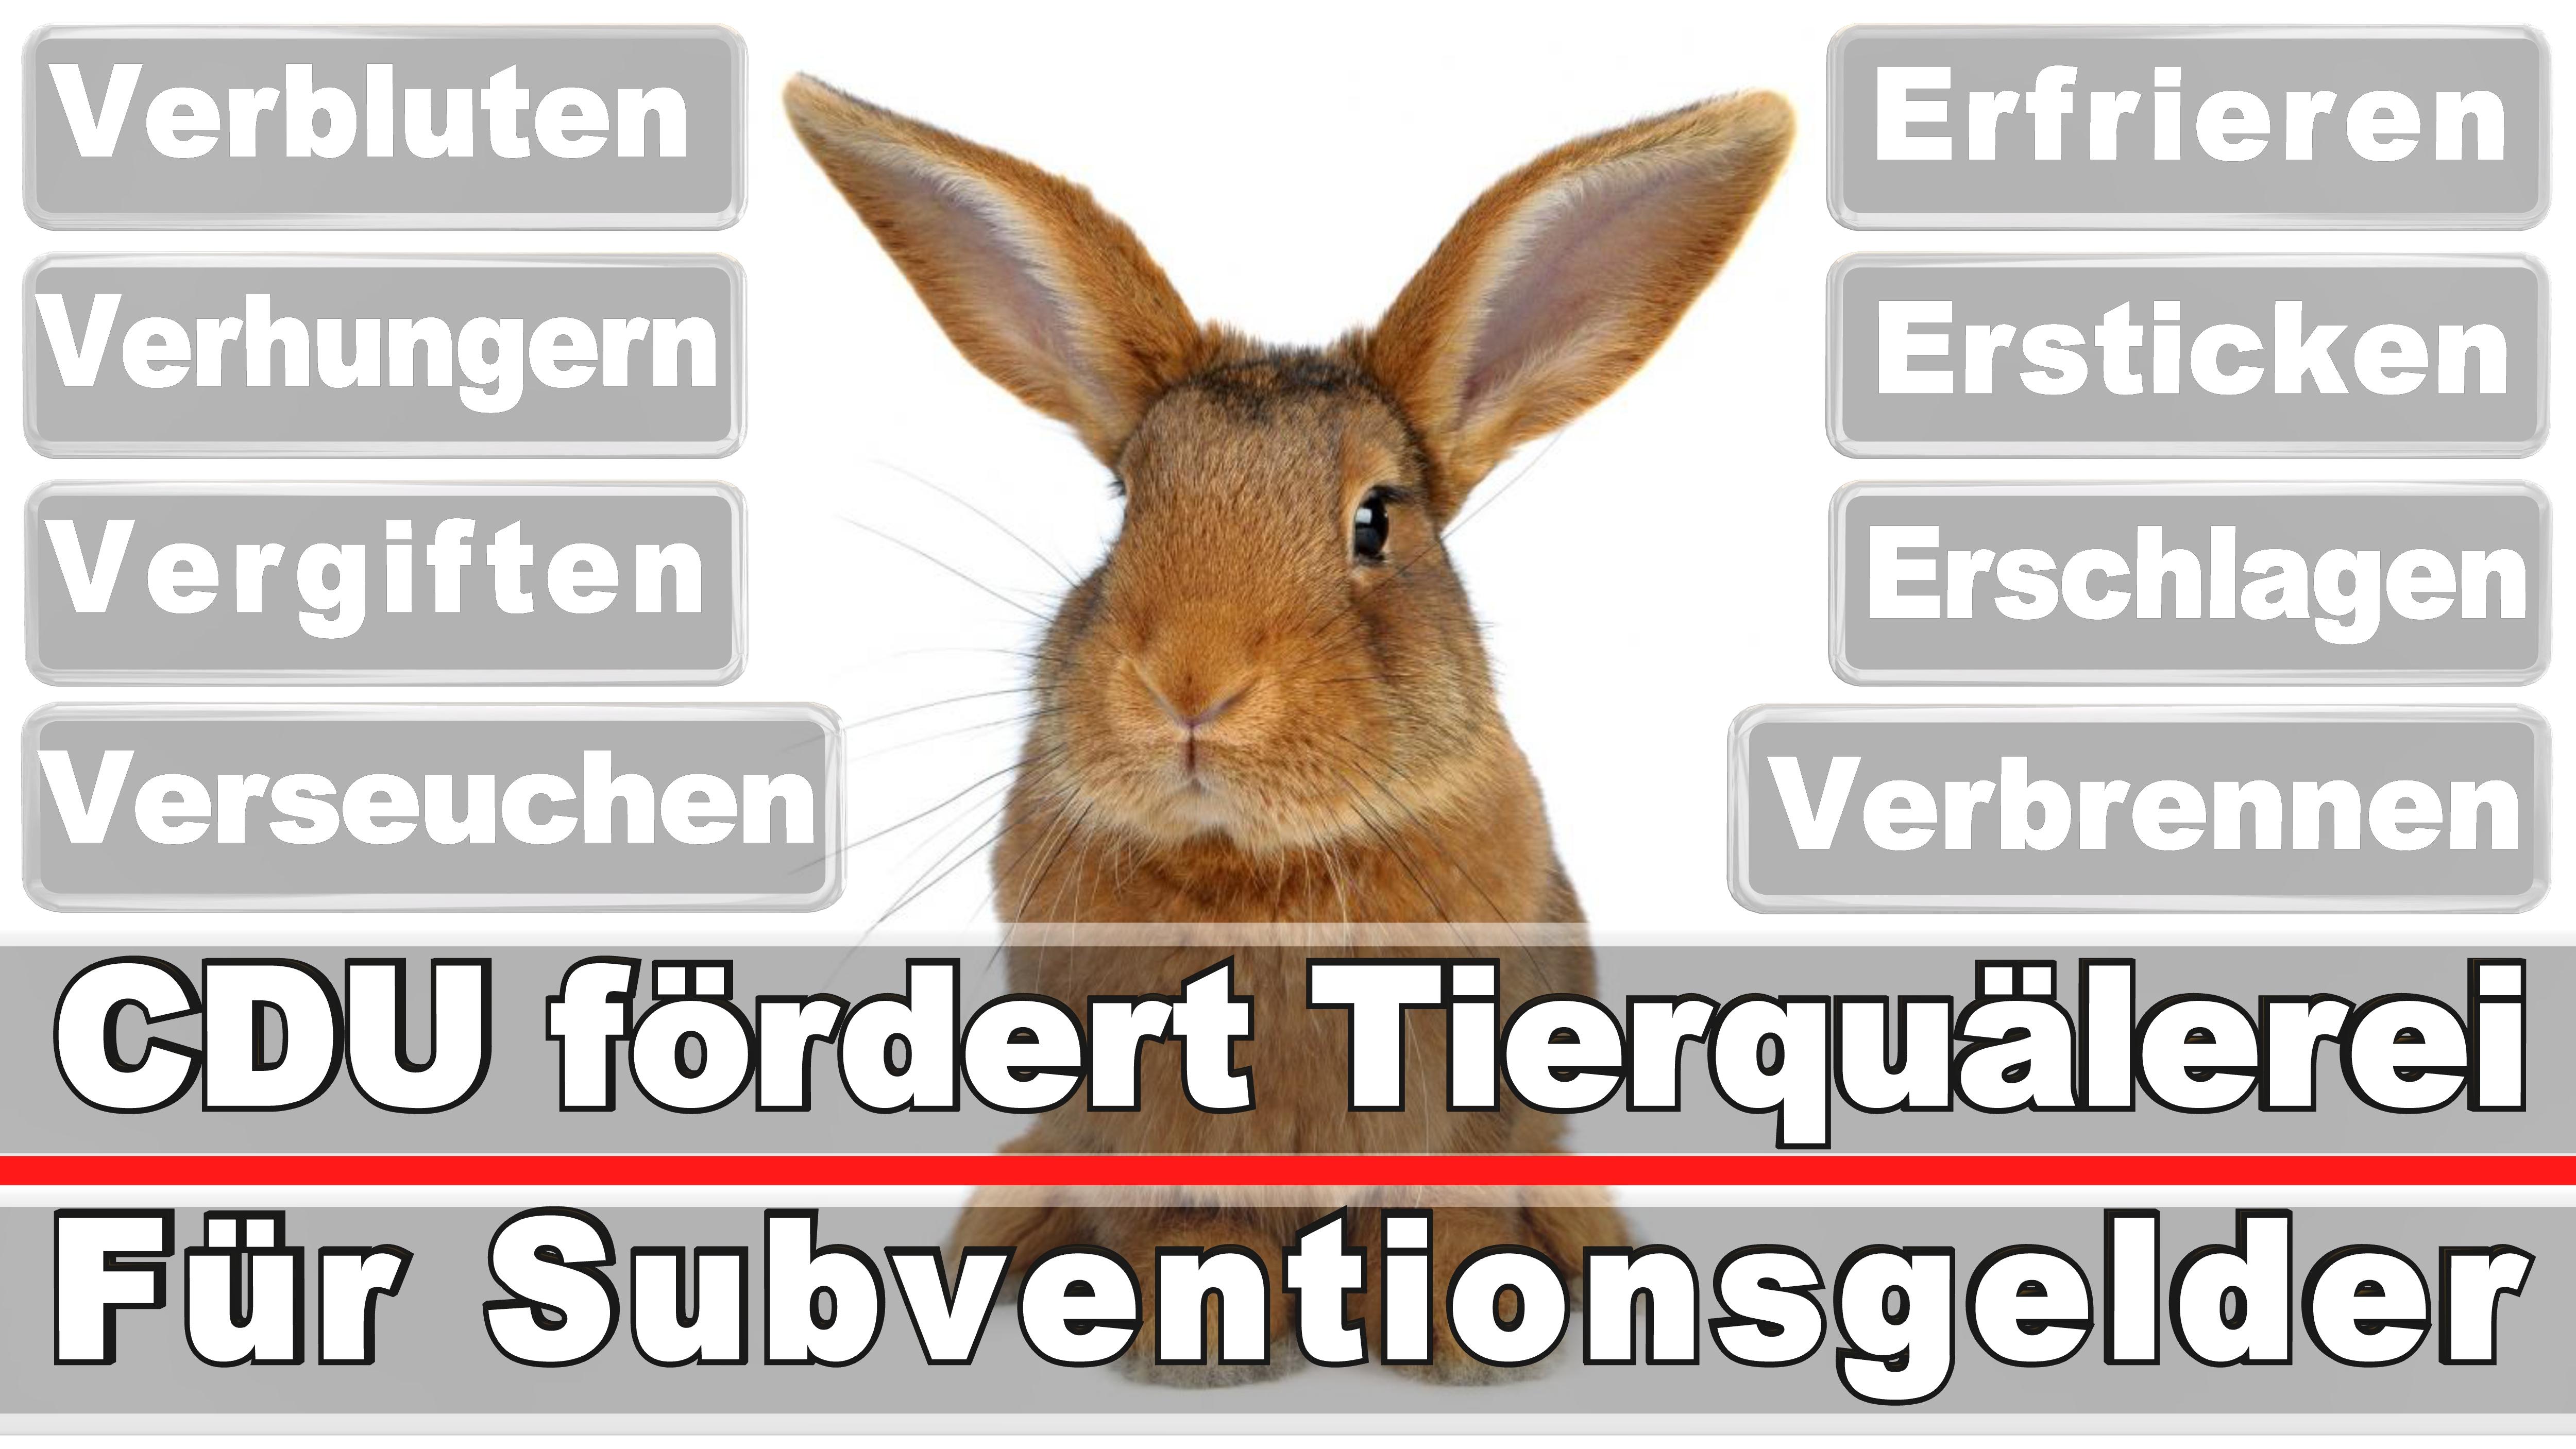 Landtagswahl-Bundestagswahl-CDU-SPD-FDP-AFD-Linke-Piraten (2)